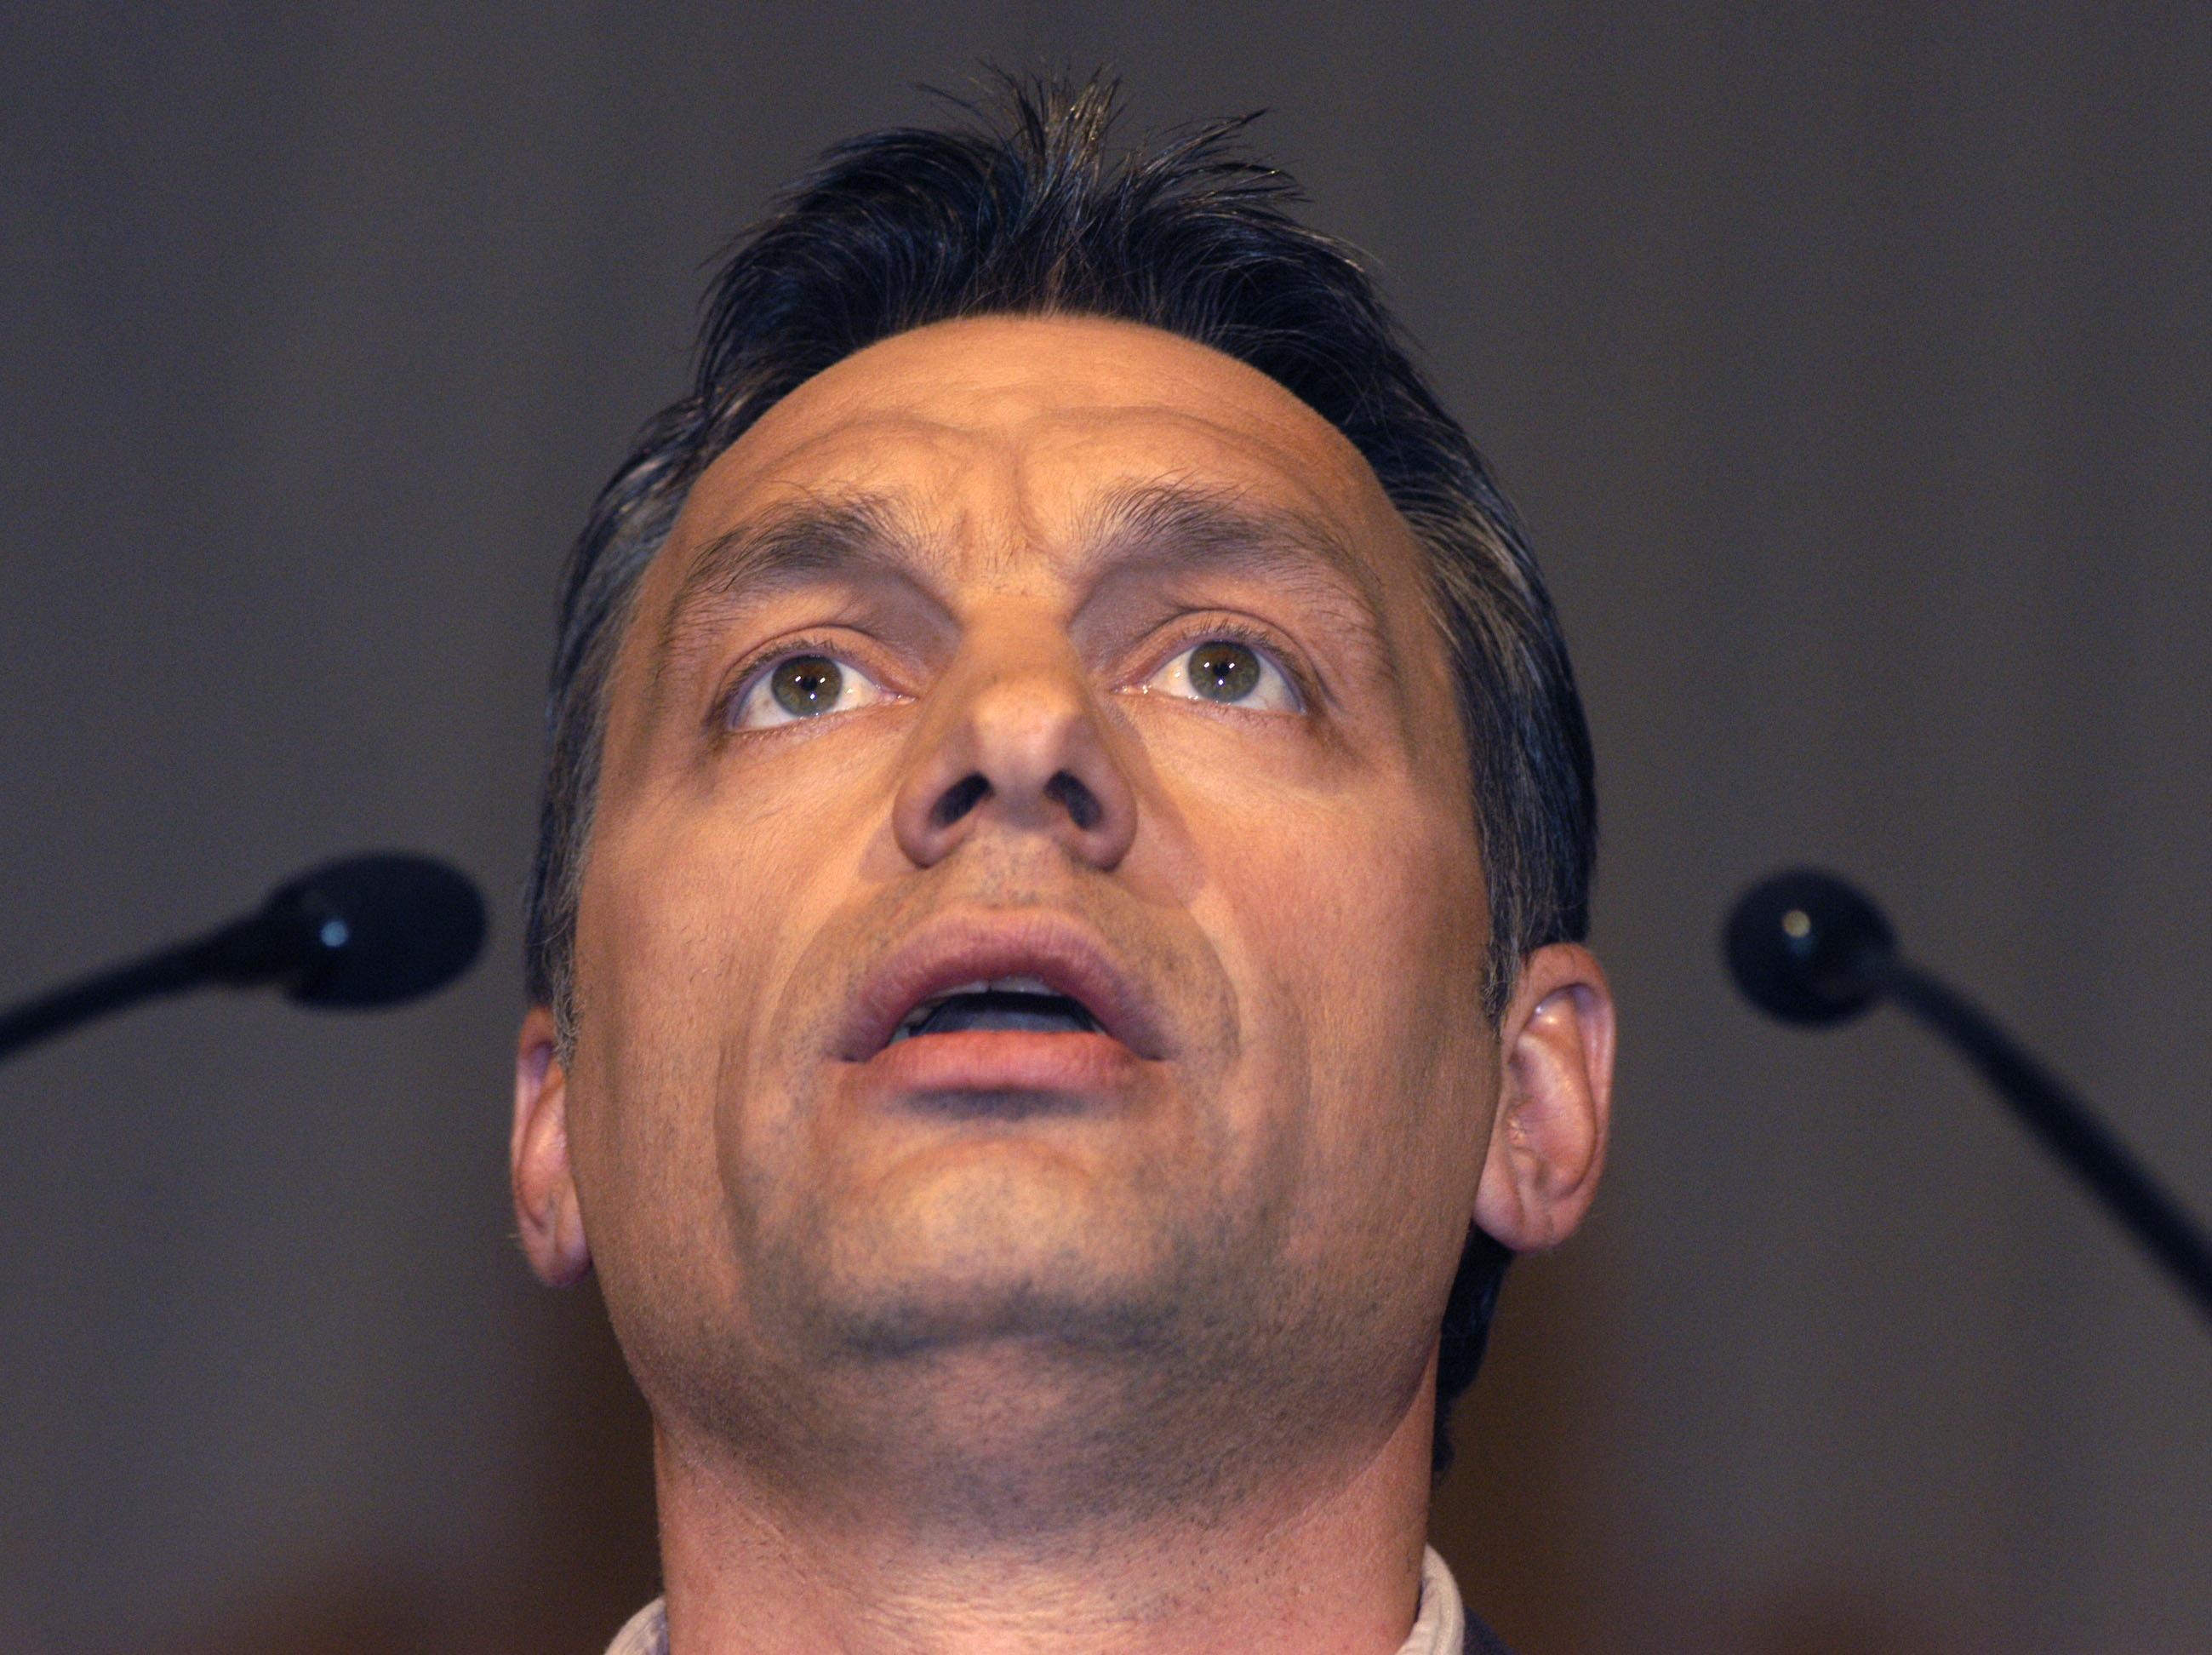 Orbán 2006-ban: A kormány kormányzás helyett csak az ellenzéket támadja, ellenségképet épít fel